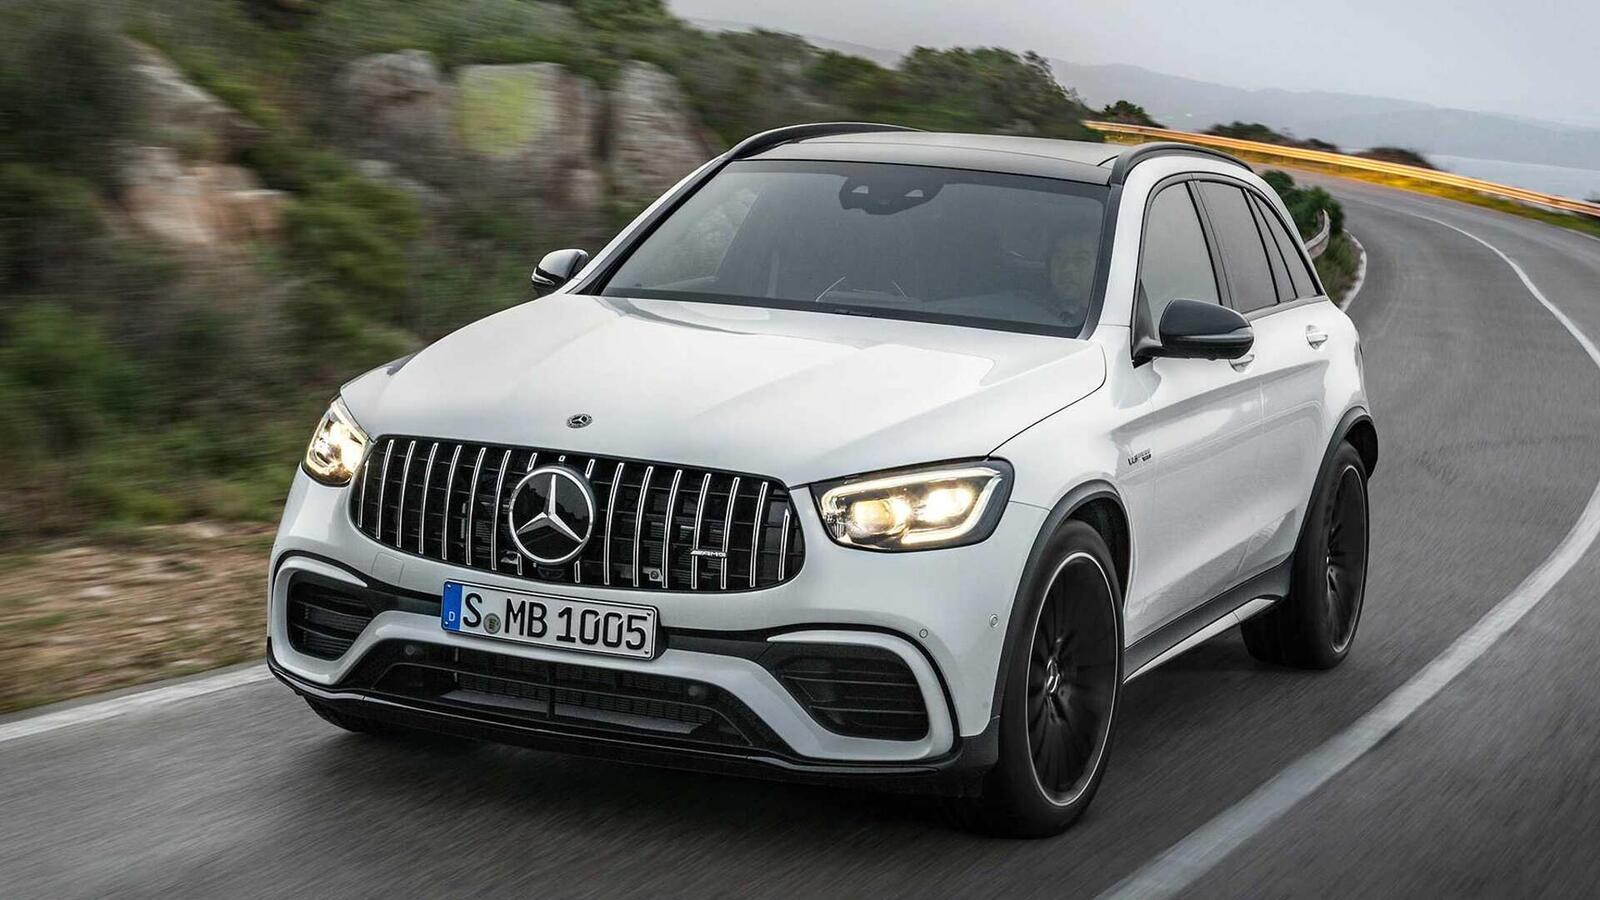 Mercedes-AMG giới thiệu GLC và GLC Coupe 63 mới lắp động cơ V8 4.0L Biturbo mạnh hơn 460 mã lực - Hình 17